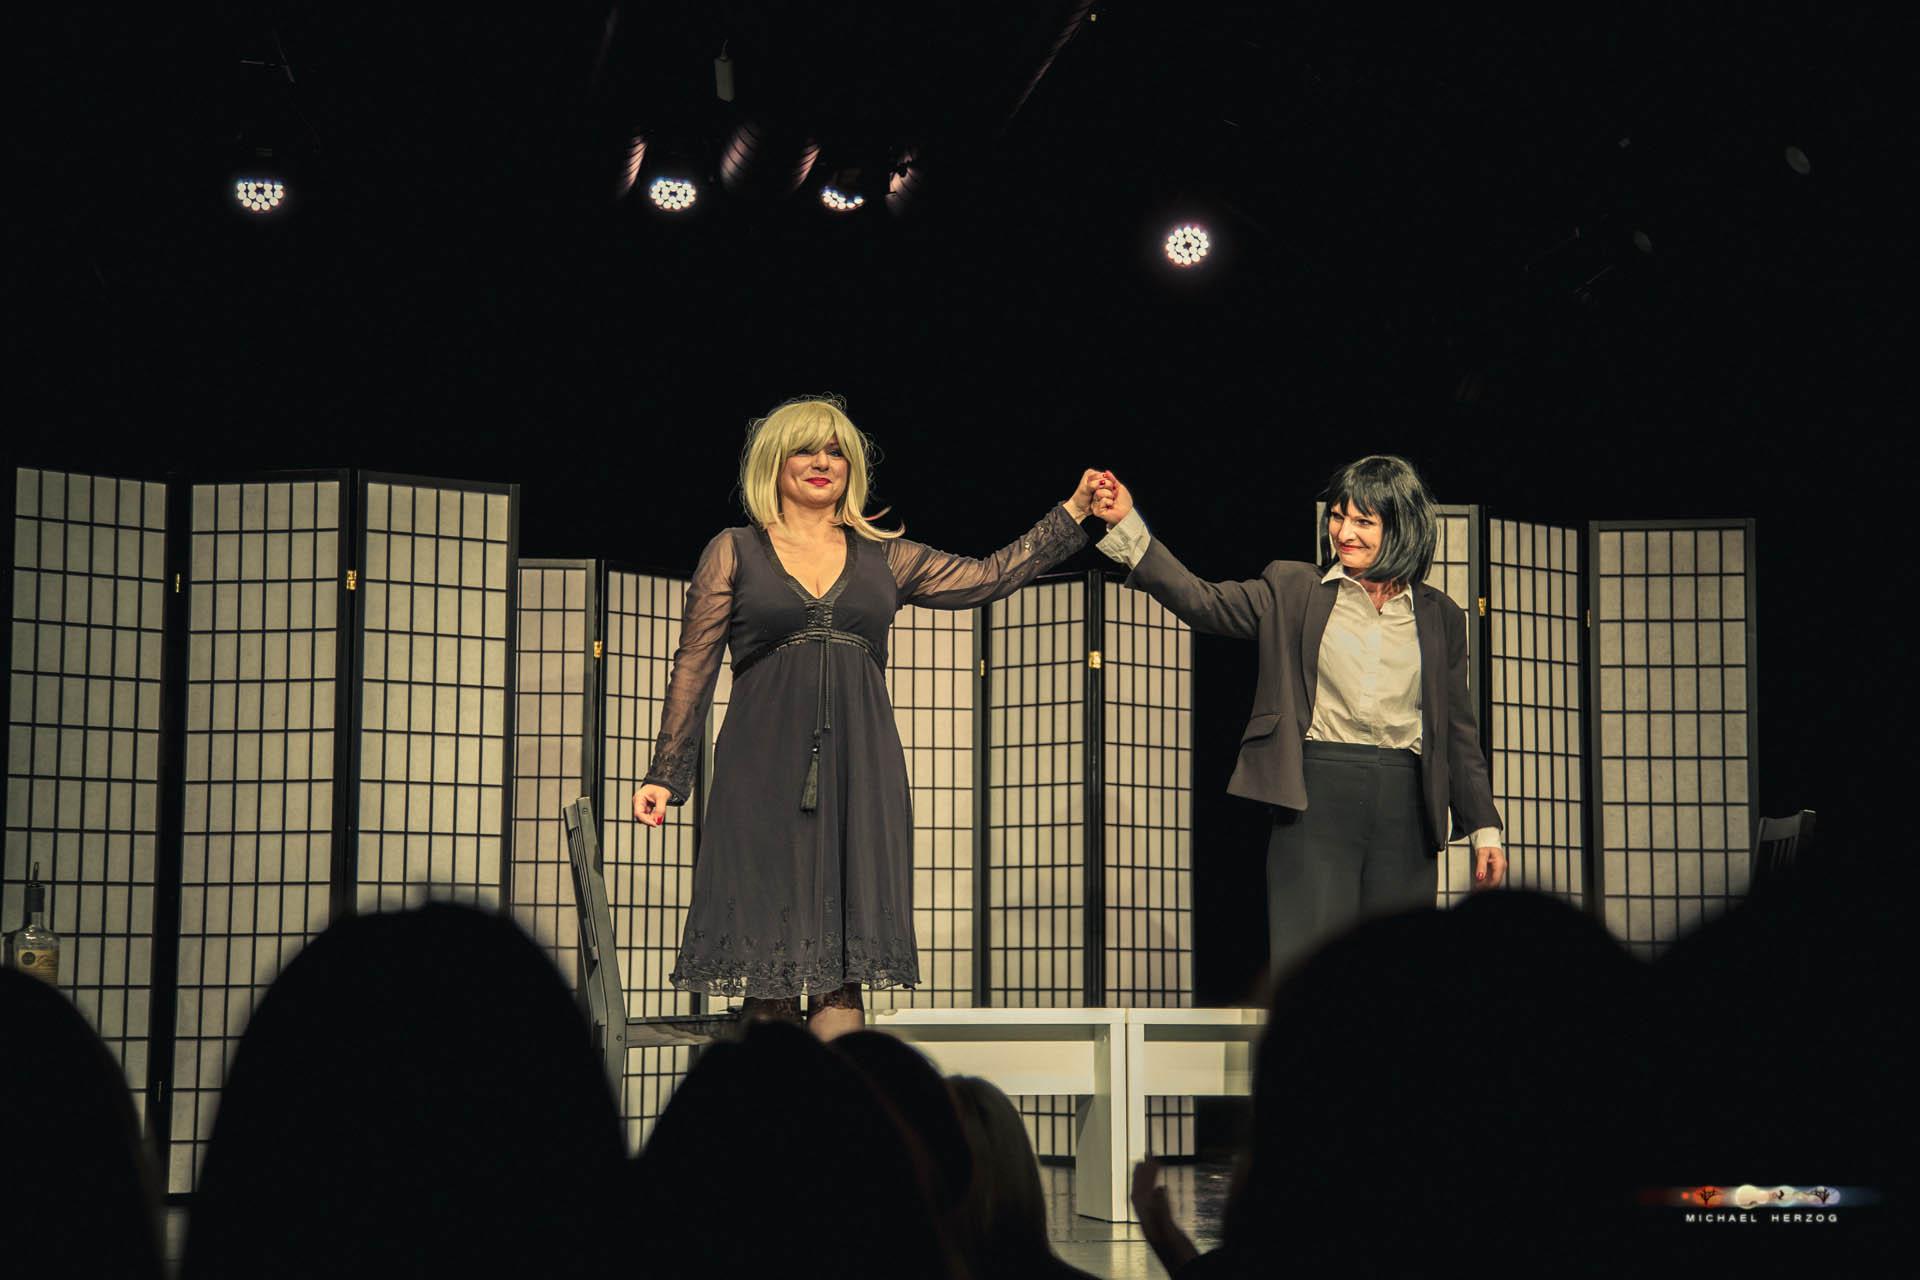 KleinesTheater_2Frauen1Leiche_April2018_MichaelHerzog-3870.jpg